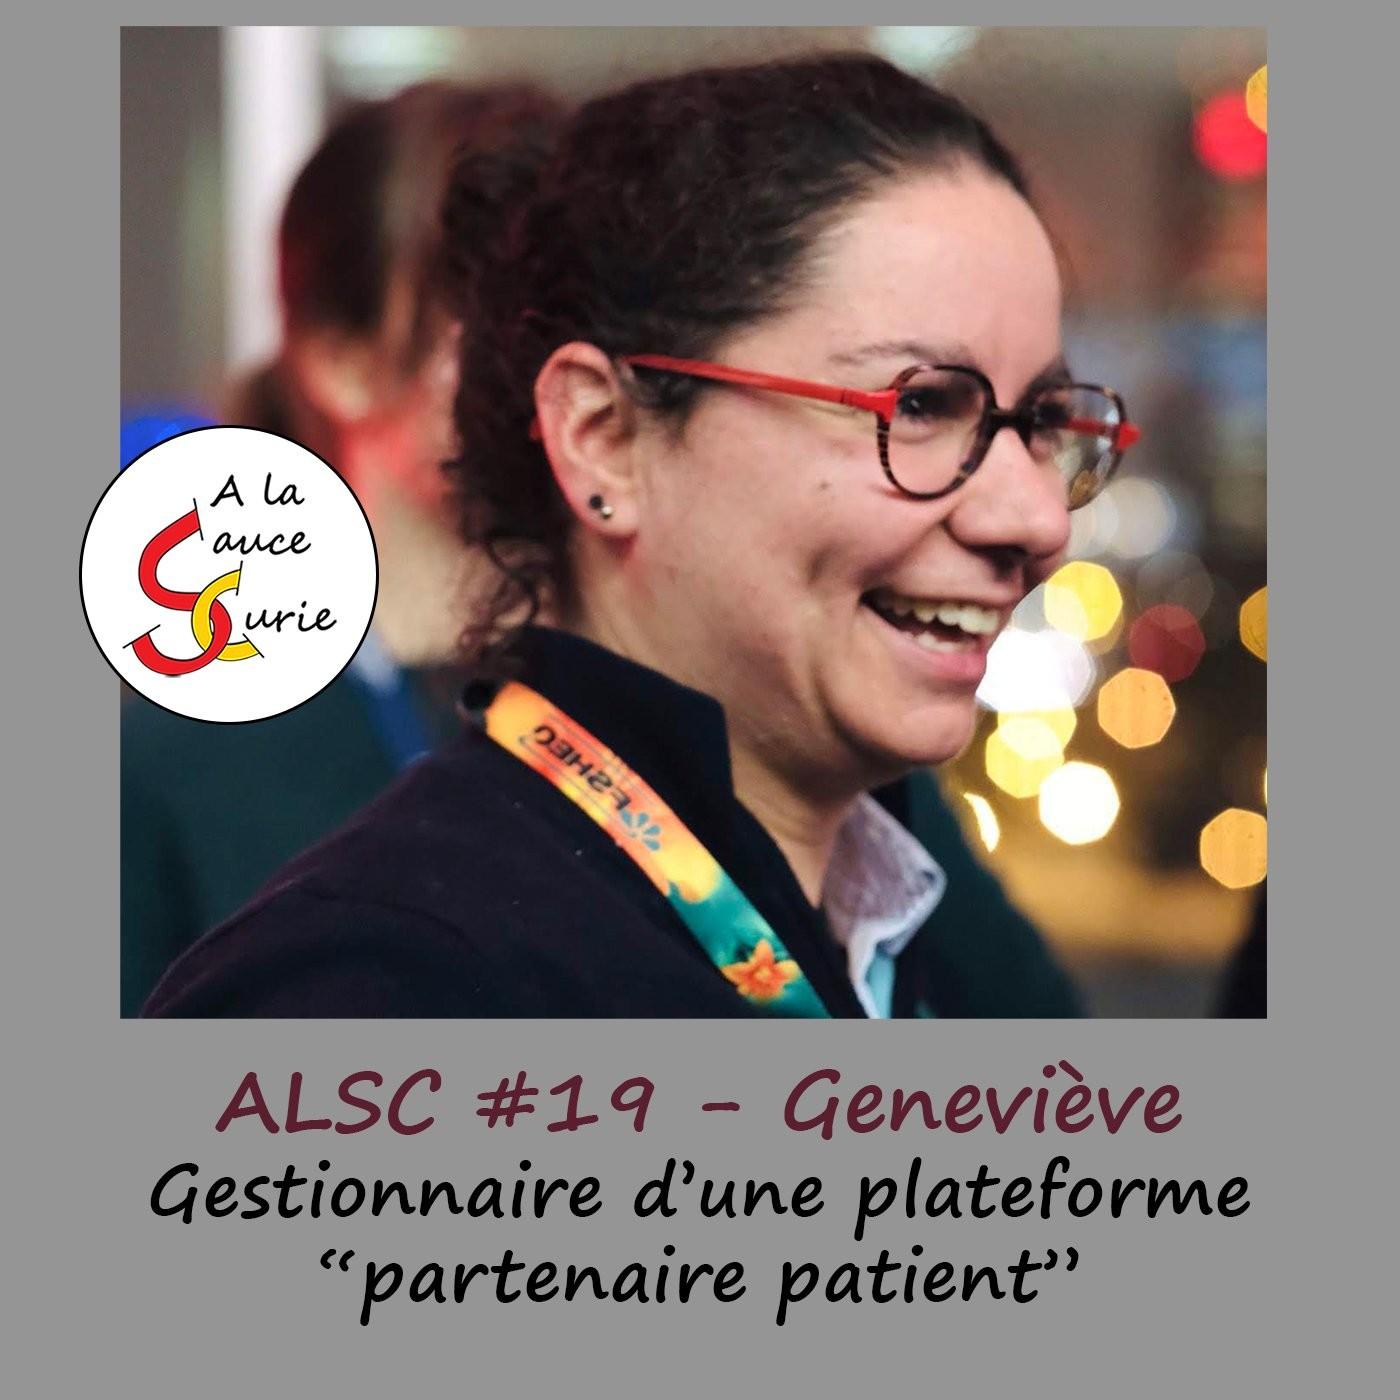 Geneviève - une autre facette de la recherche, la gestion